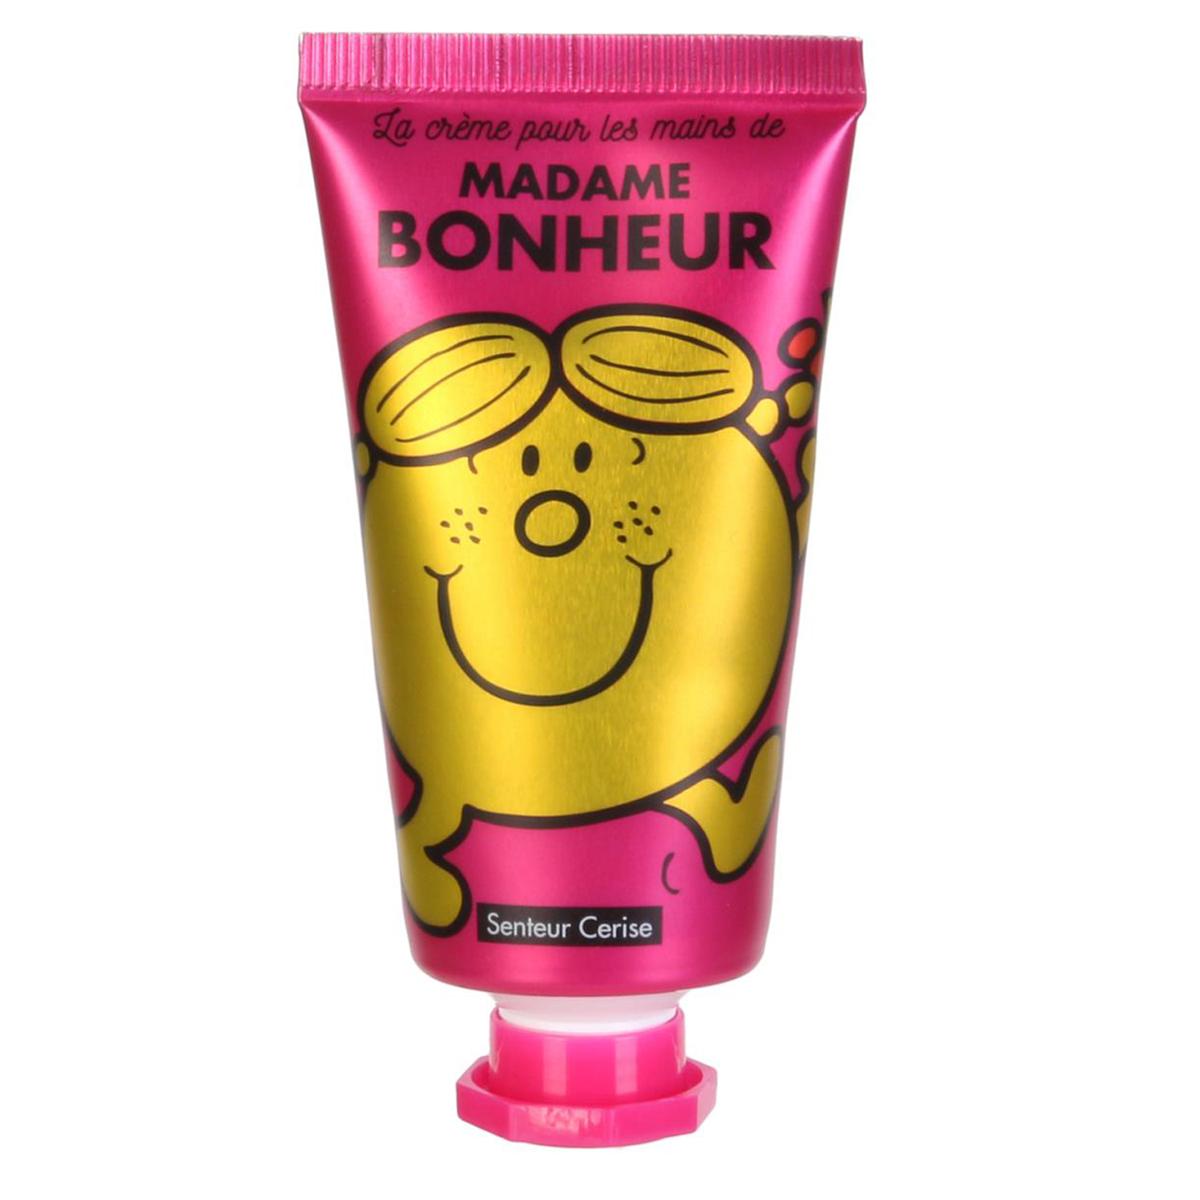 Crème pour les mains \'Monsieur Madame\' (Bonheur - Cerise) - 8x3 cm, 30 ml - [A0550]